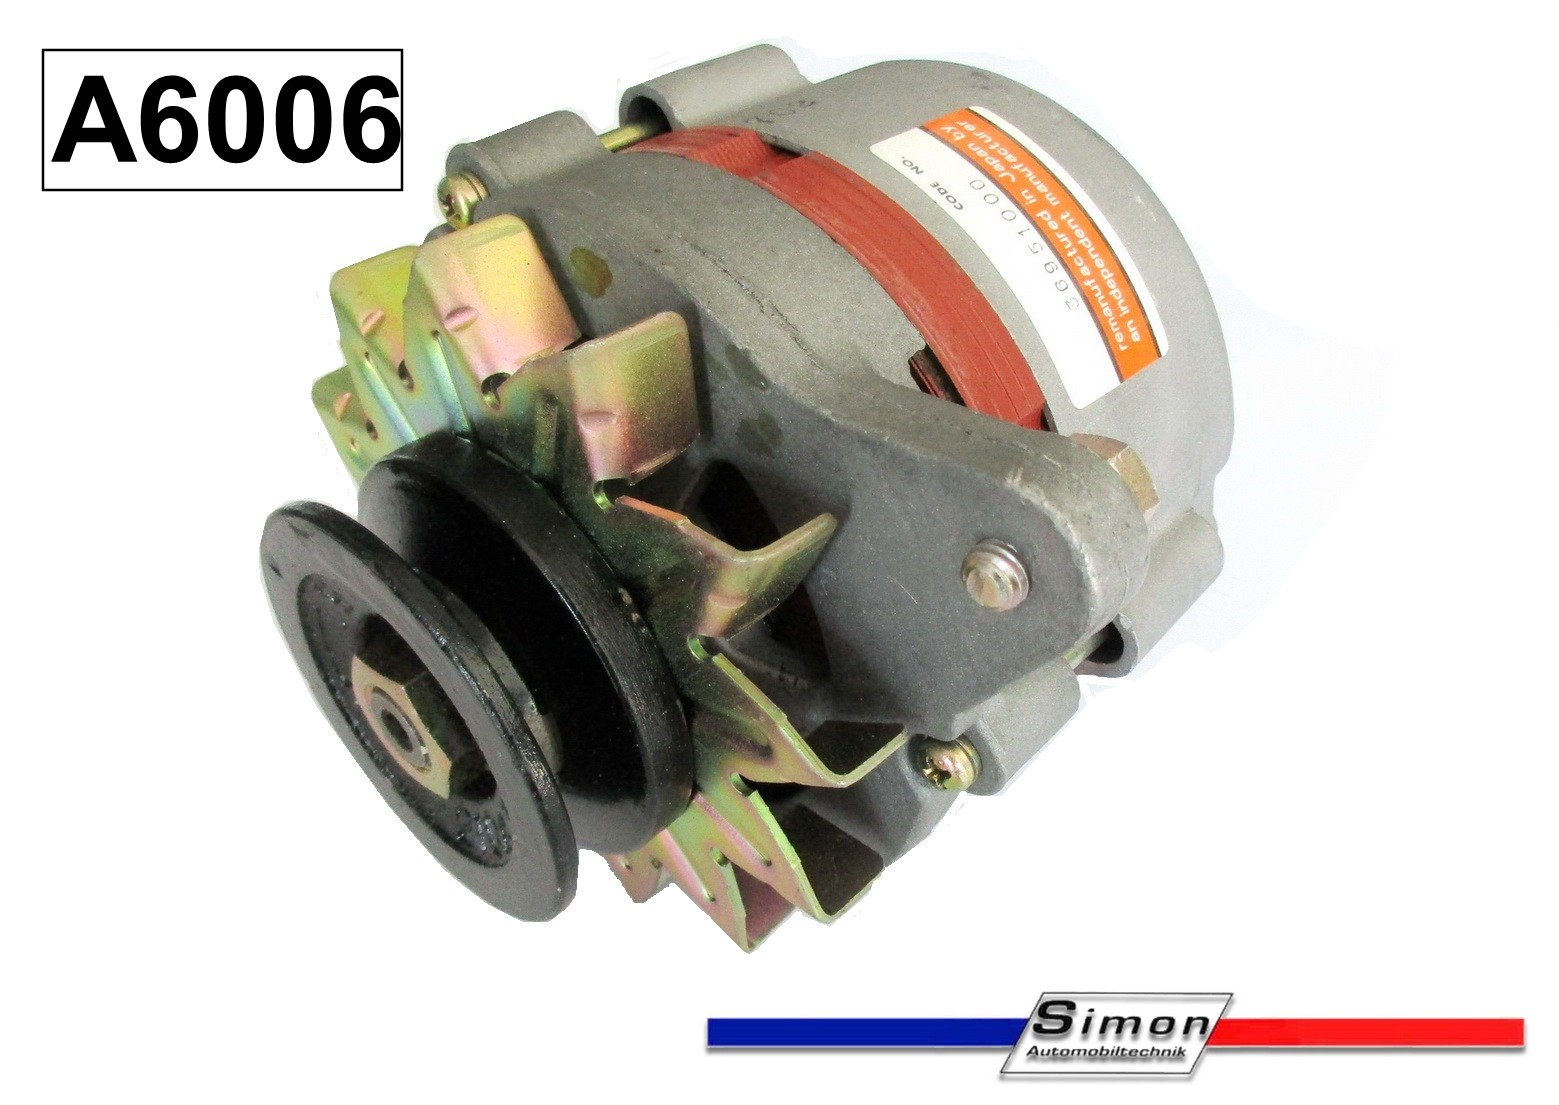 Wunderbar Massey Traktor Lichtmaschine Schaltplan Ideen - Schaltplan ...